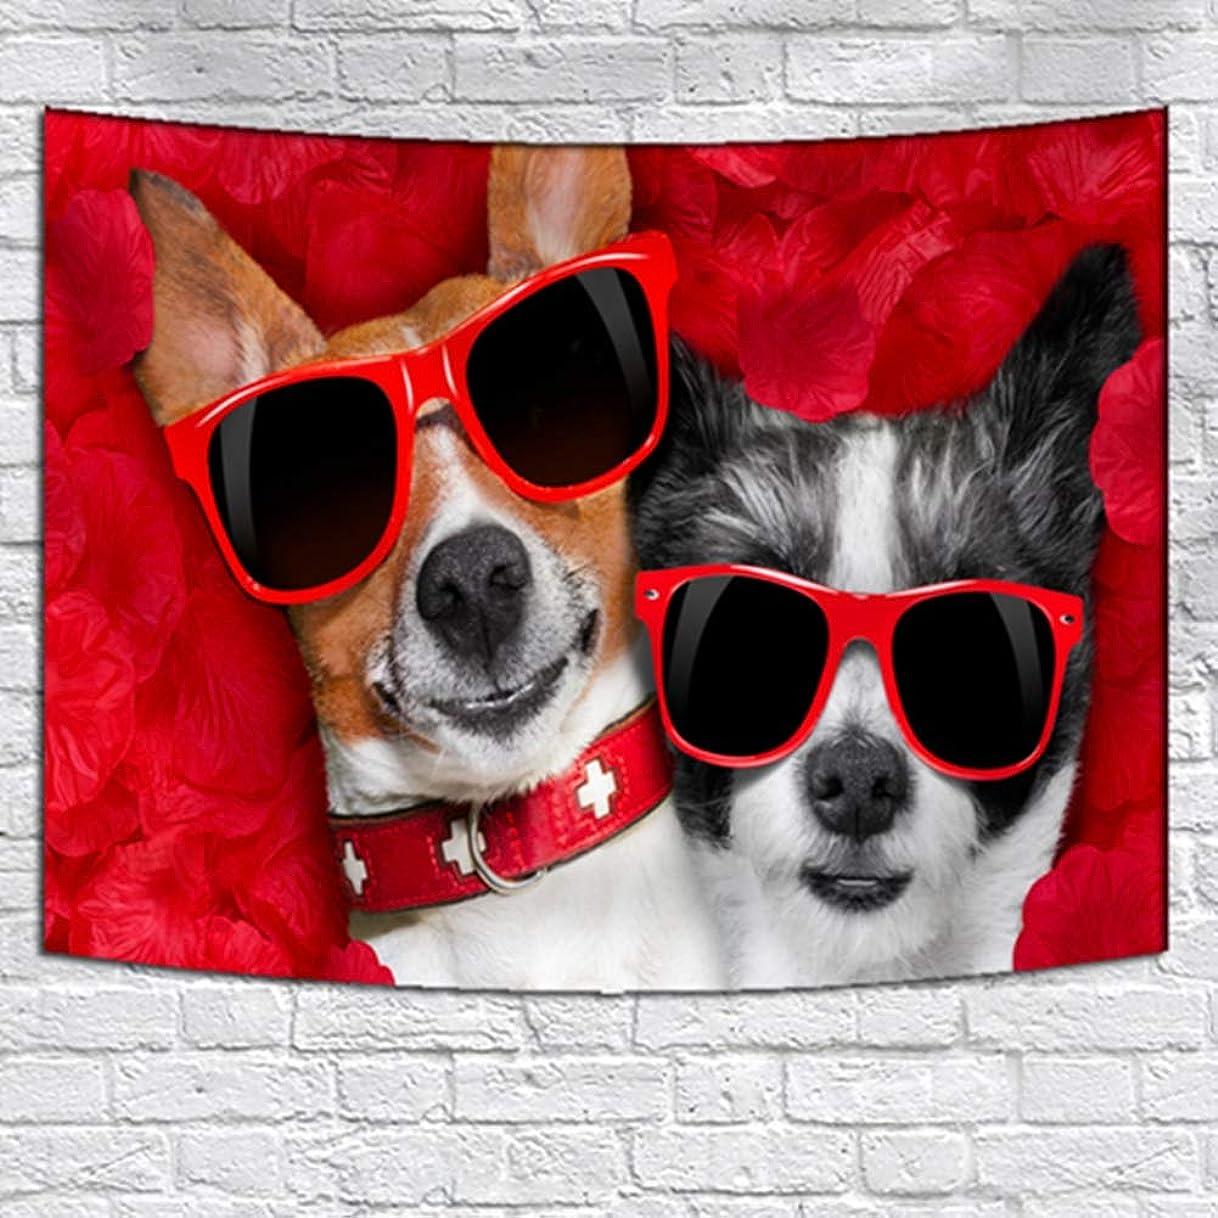 お誕生日差別的タイマーGLYYタペストリー おしゃれ 壁掛け 風景 景色 150*200 CM ファブリック装飾用品 タペストリー 毛布 壁の装飾 家庭飾りインテリ A12